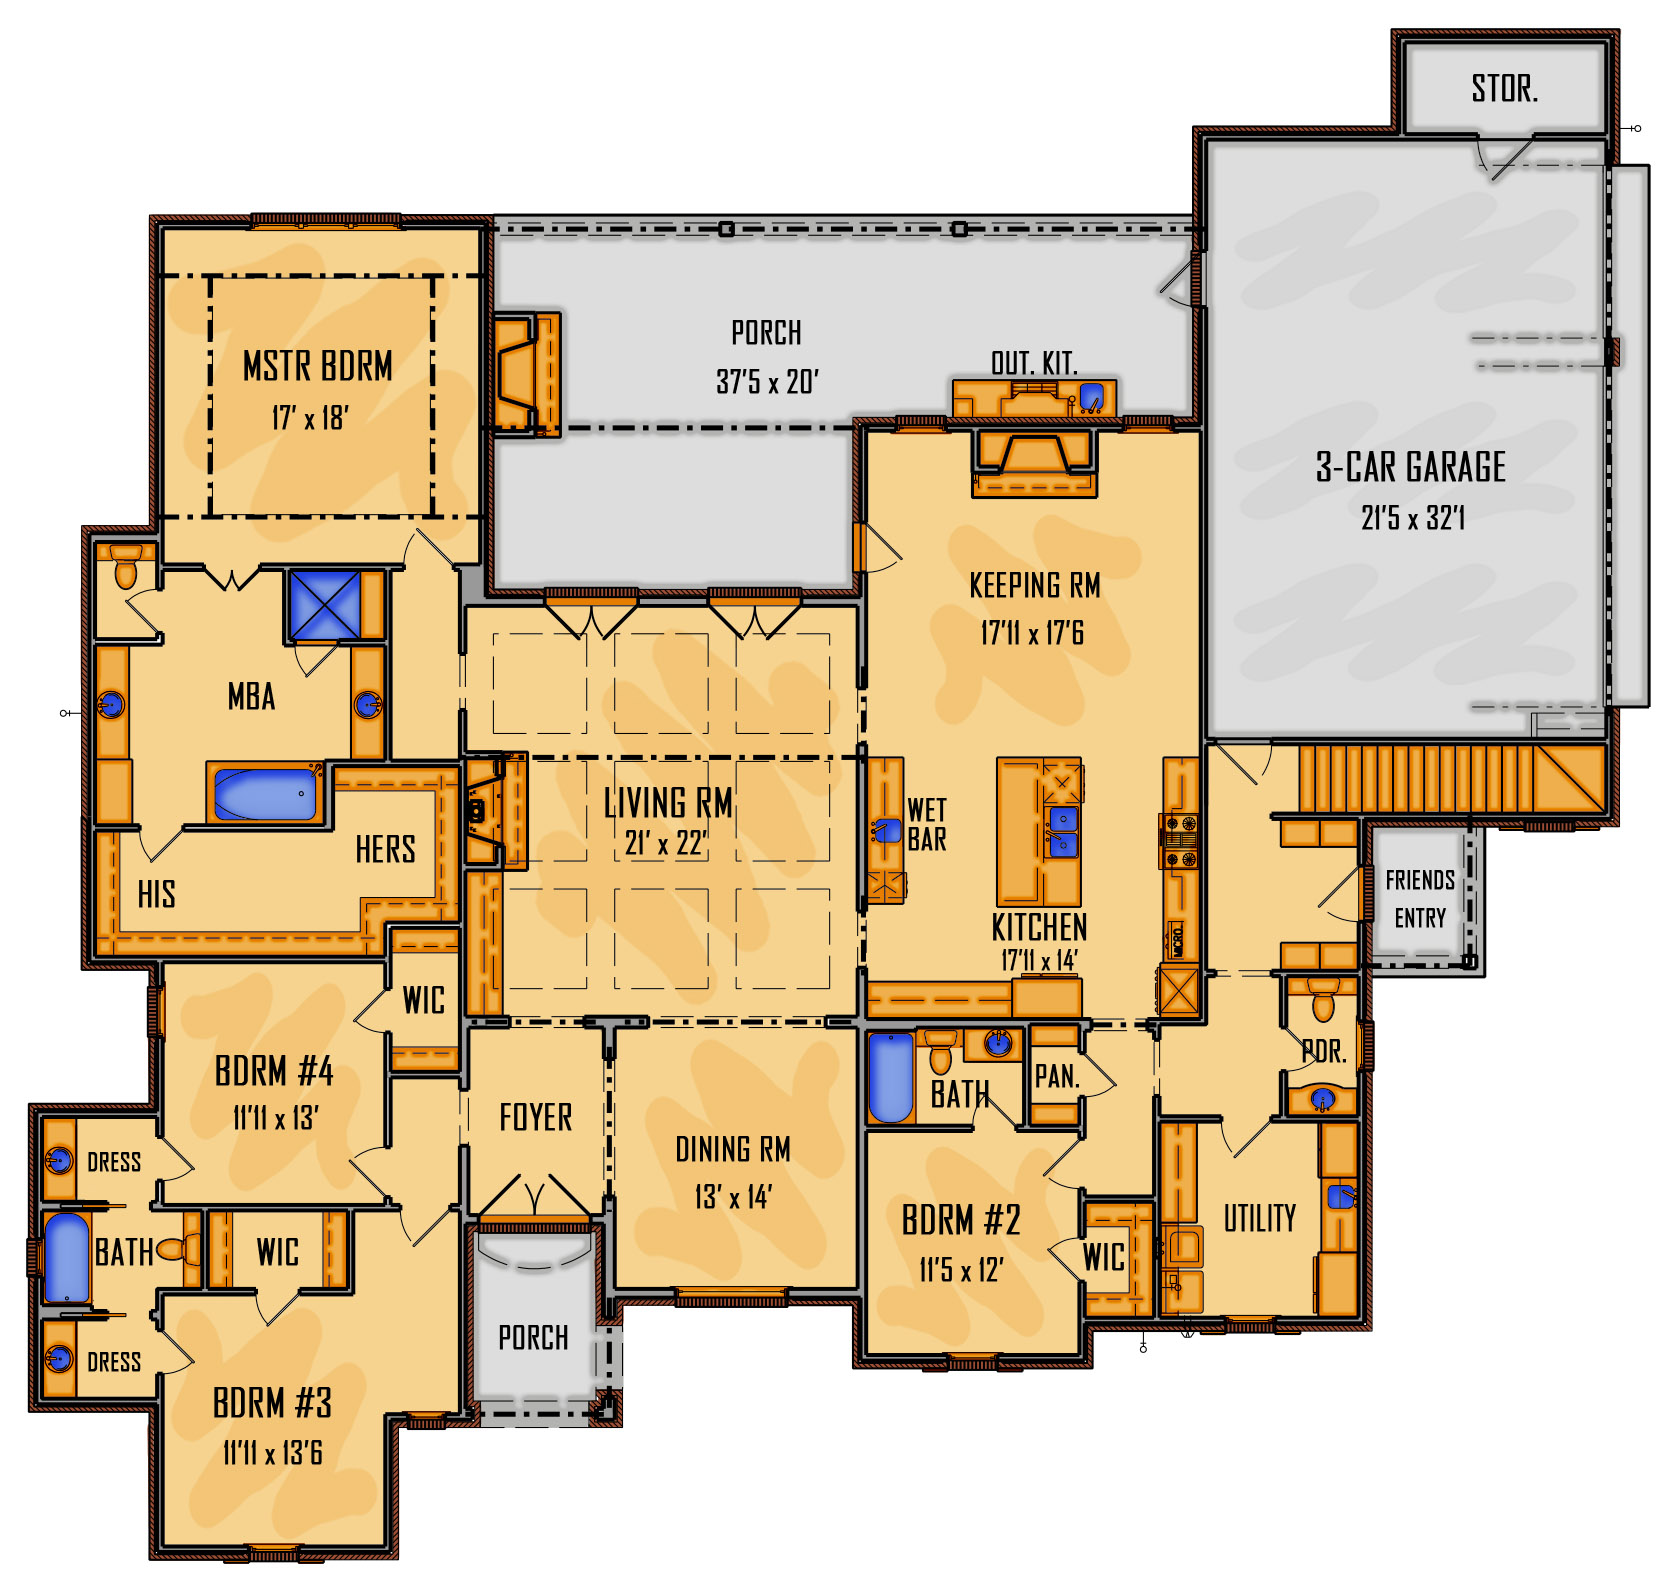 61-18 1st Floor Rendering